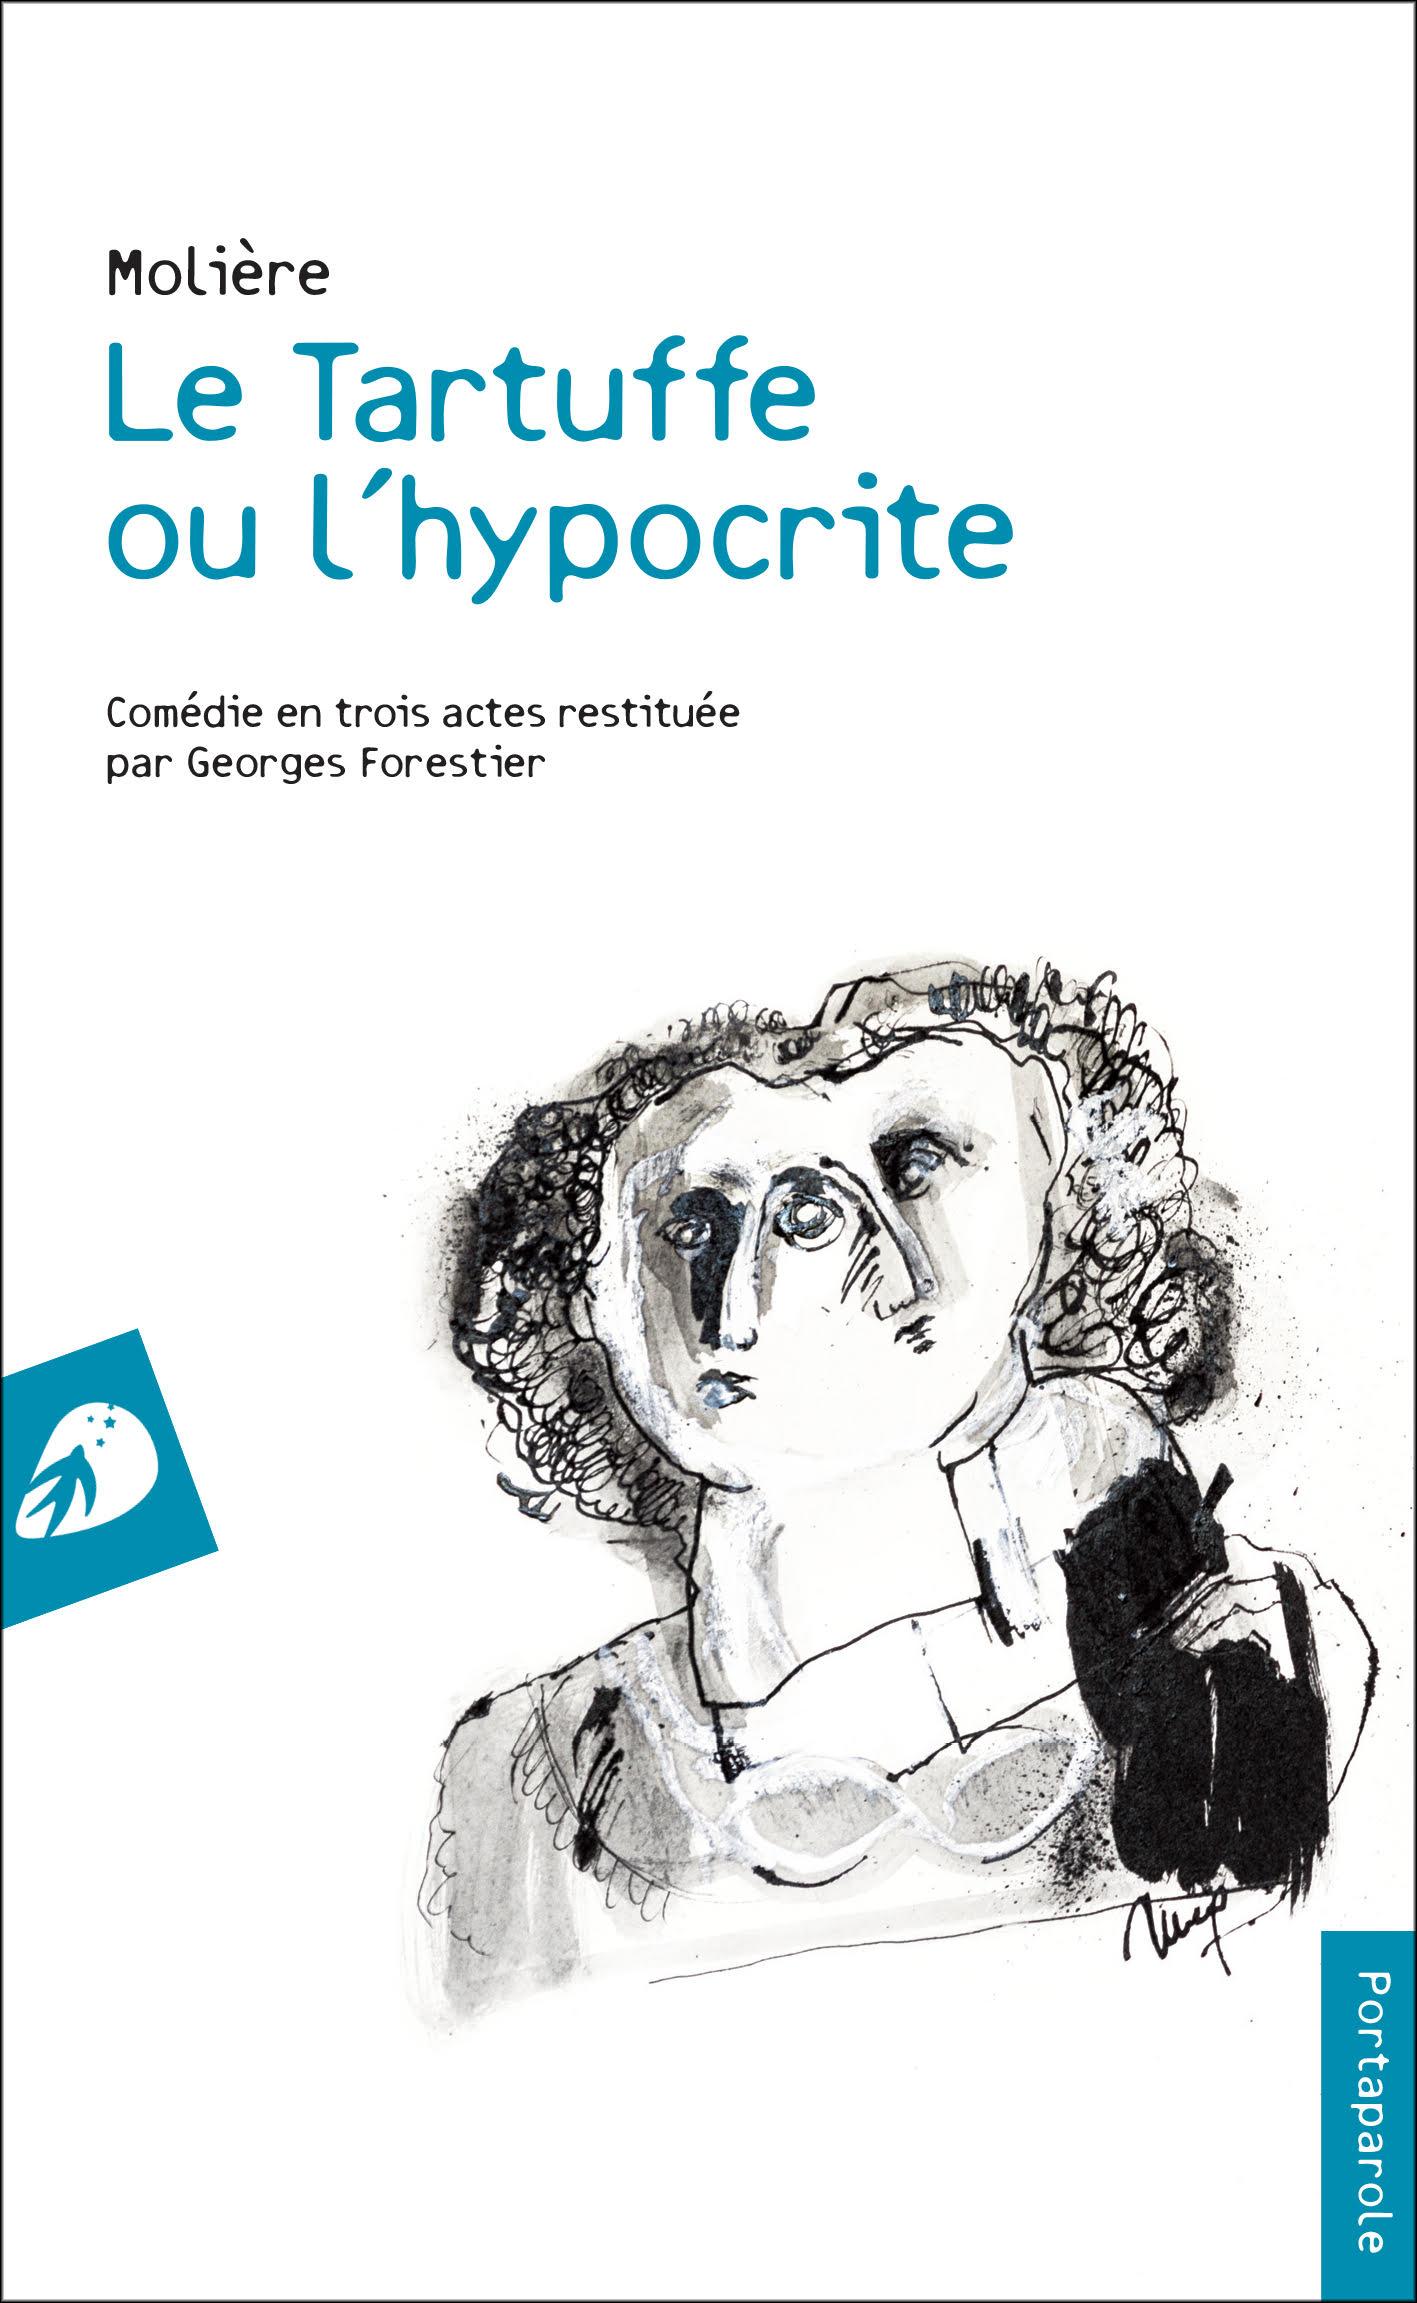 Molière, Le Tartuffe en trois actes (éd. G. Forestier)